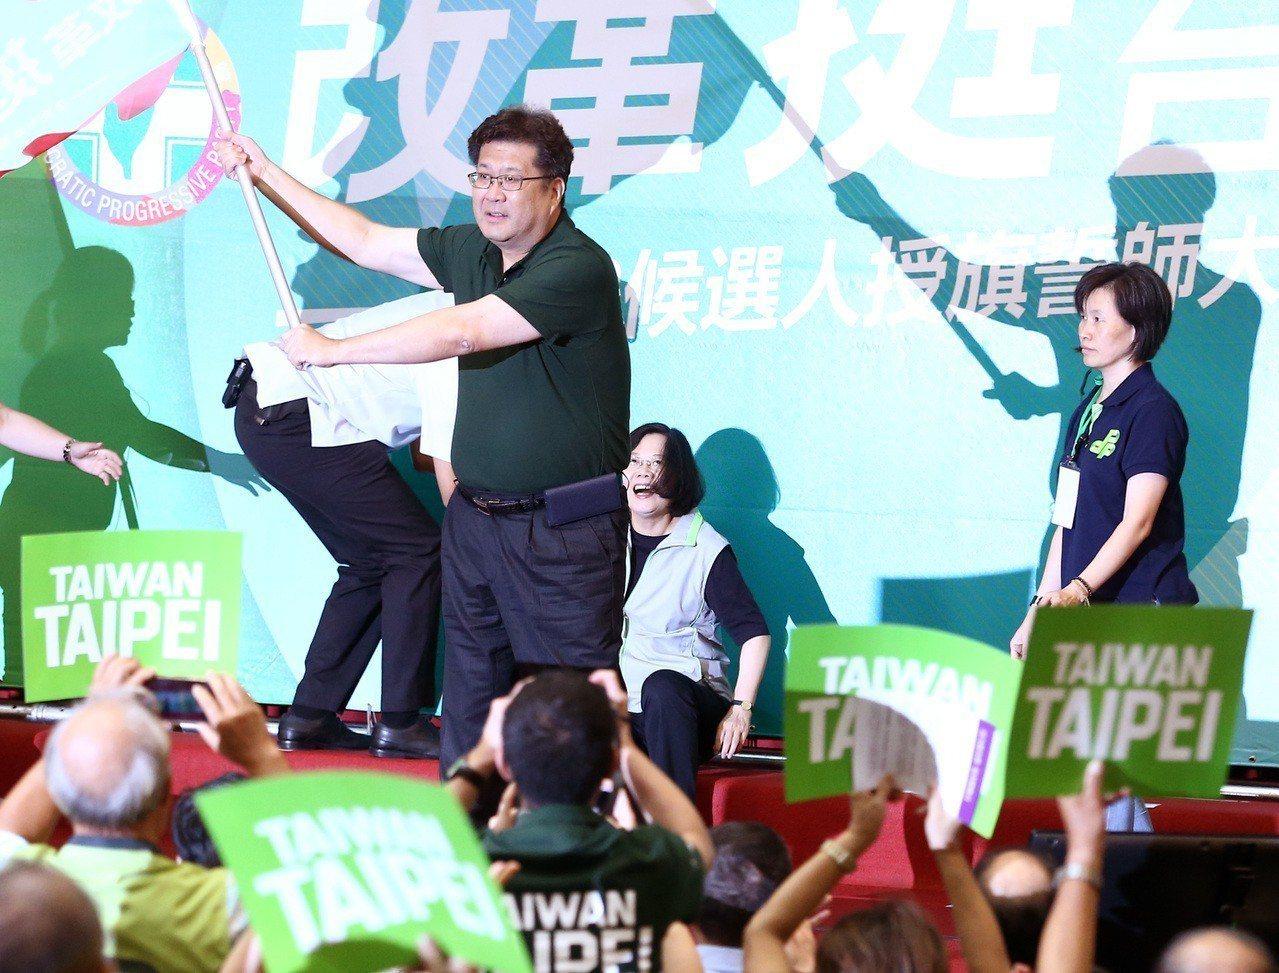 蔡英文總統昨天為黨提名人授旗加油時,一不小心絆倒跌坐舞台上,國安人員趨前扶起,但...